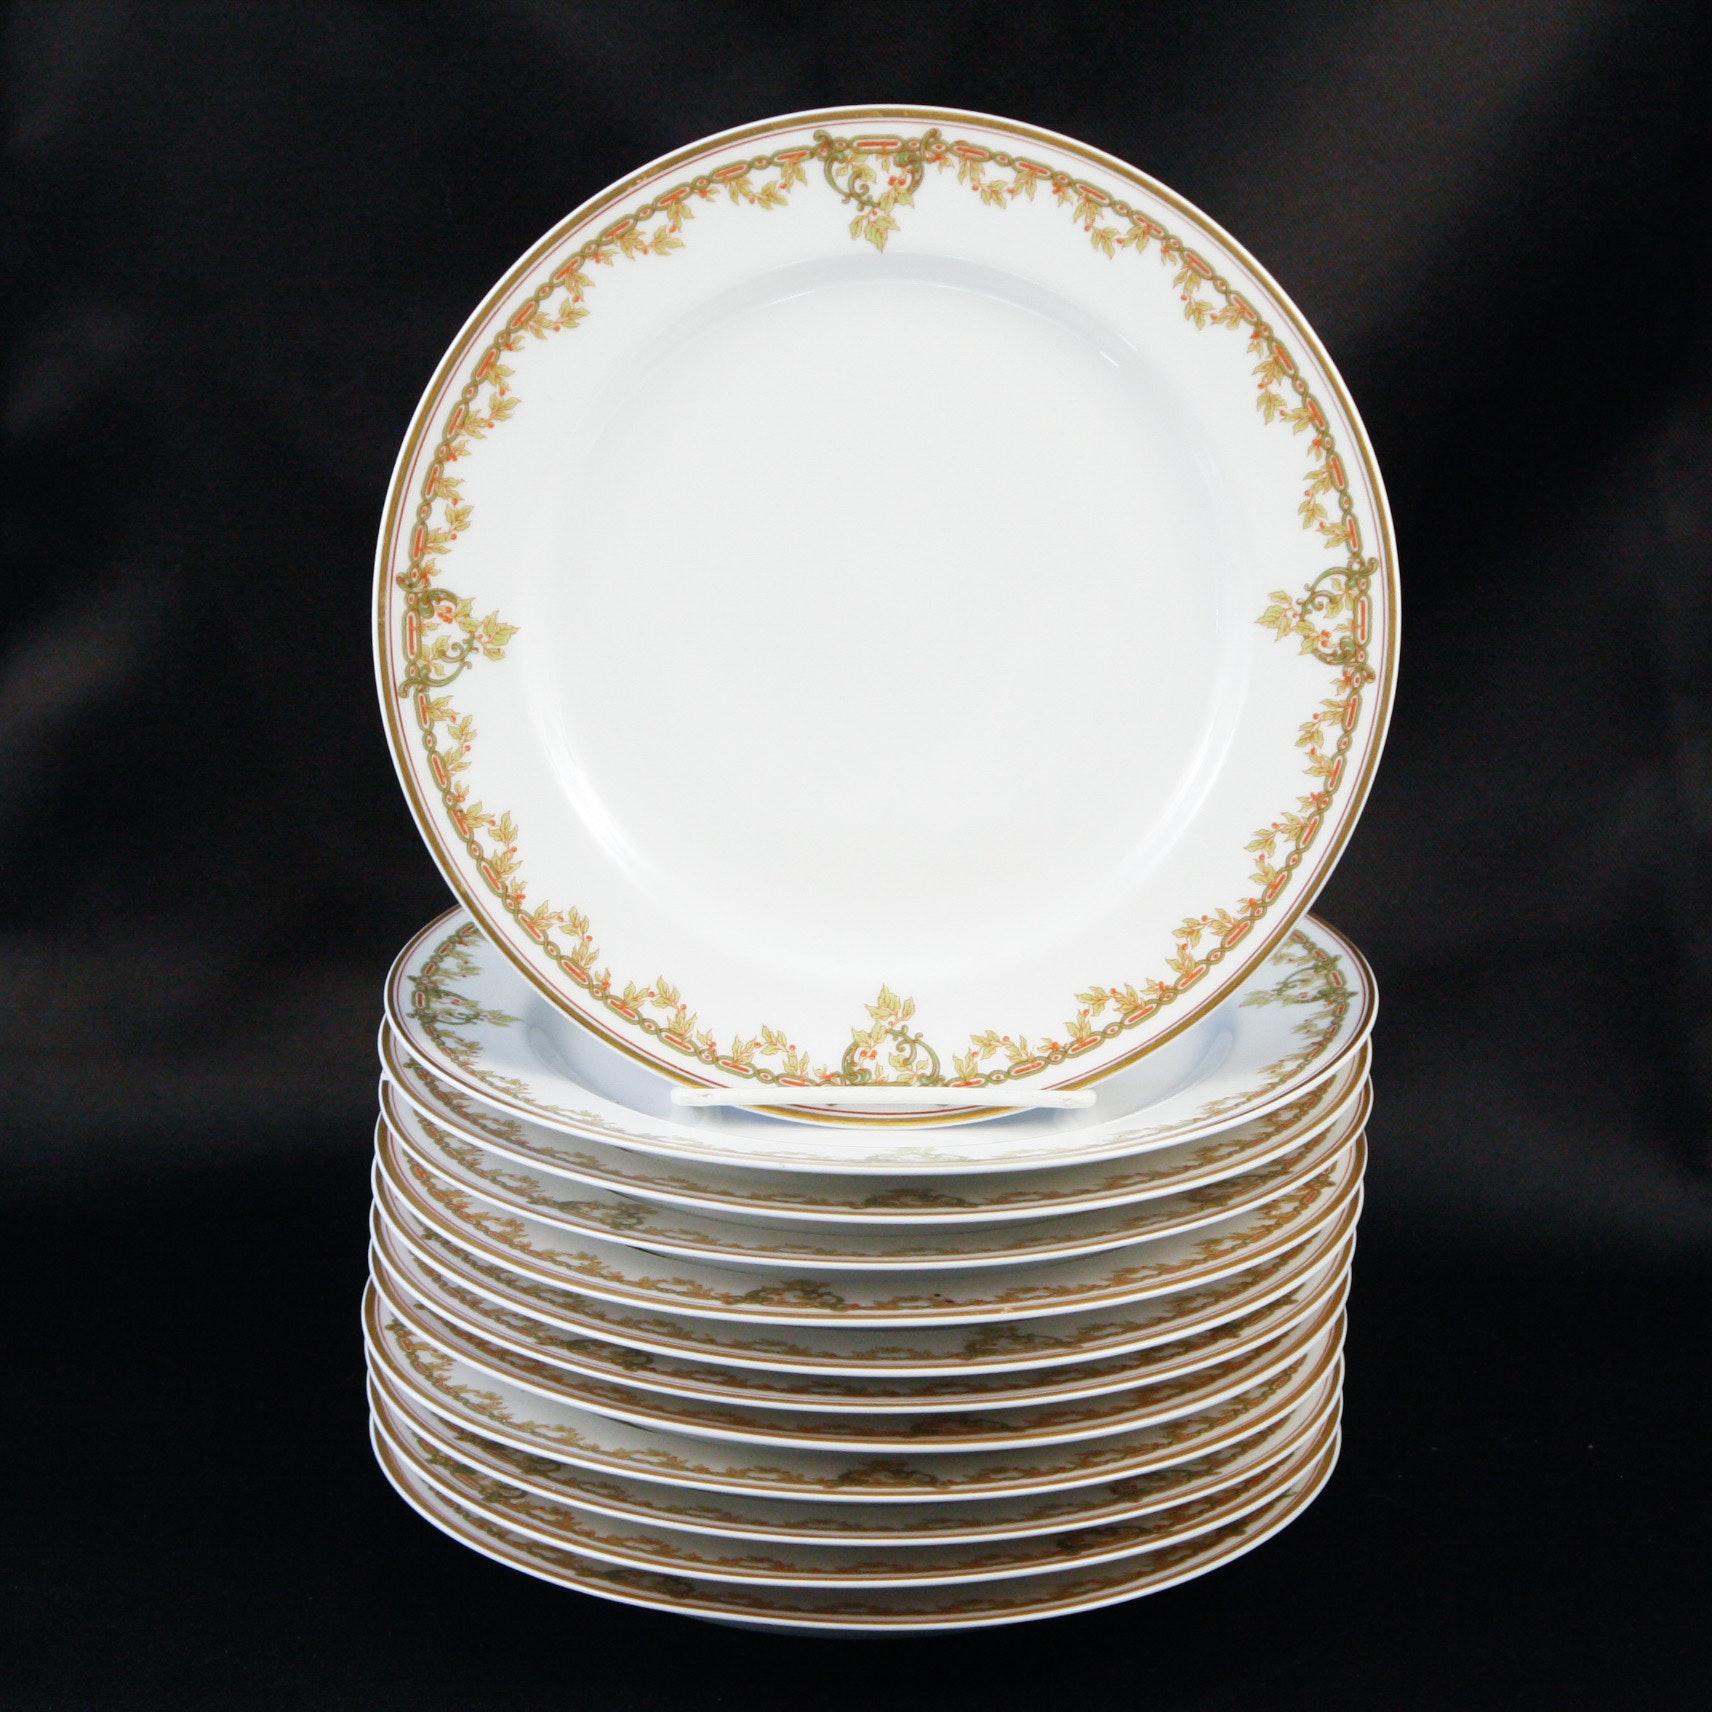 Set of Twelve Haviland & Co. Limoges France Porcelain Dessert Plates